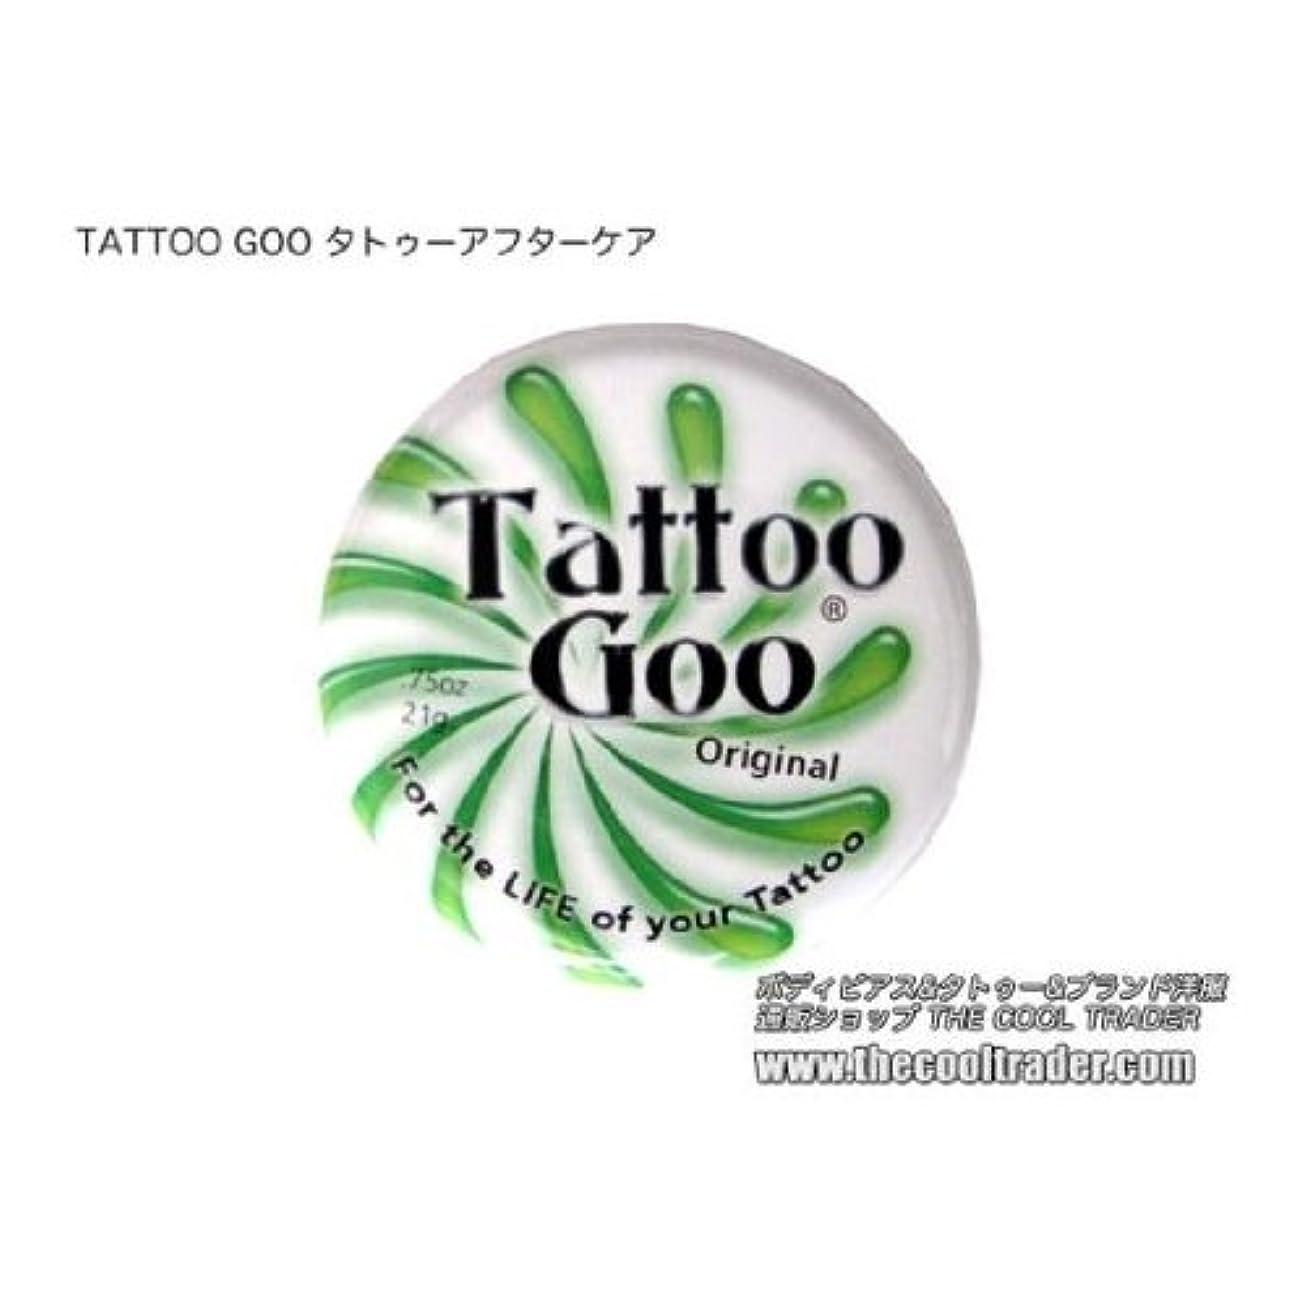 側ライフル環境に優しいTATTOO GOO タトゥー&ボディピアス専用アフターケア 軟膏クリーム オリジナル